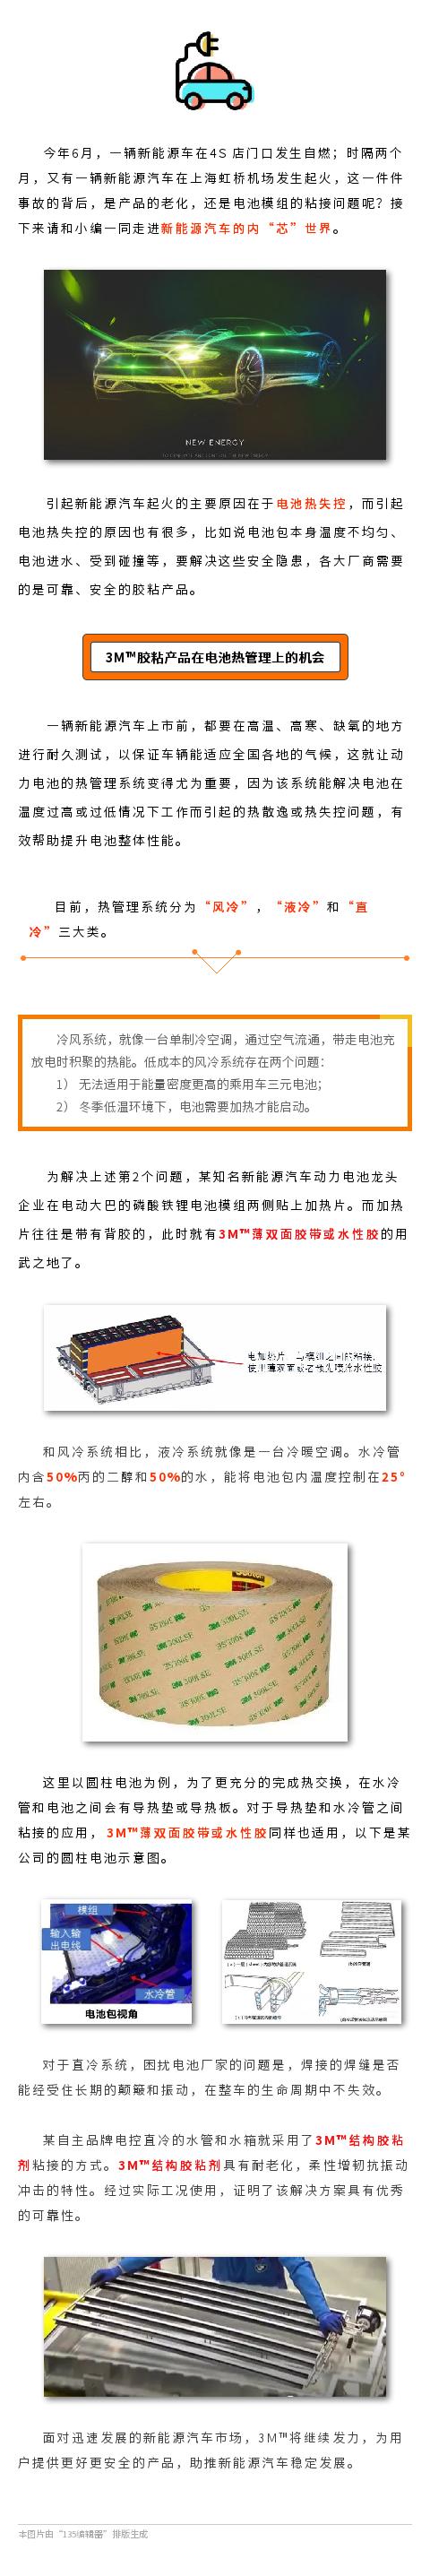 新能源汽车3M胶带应用介绍图